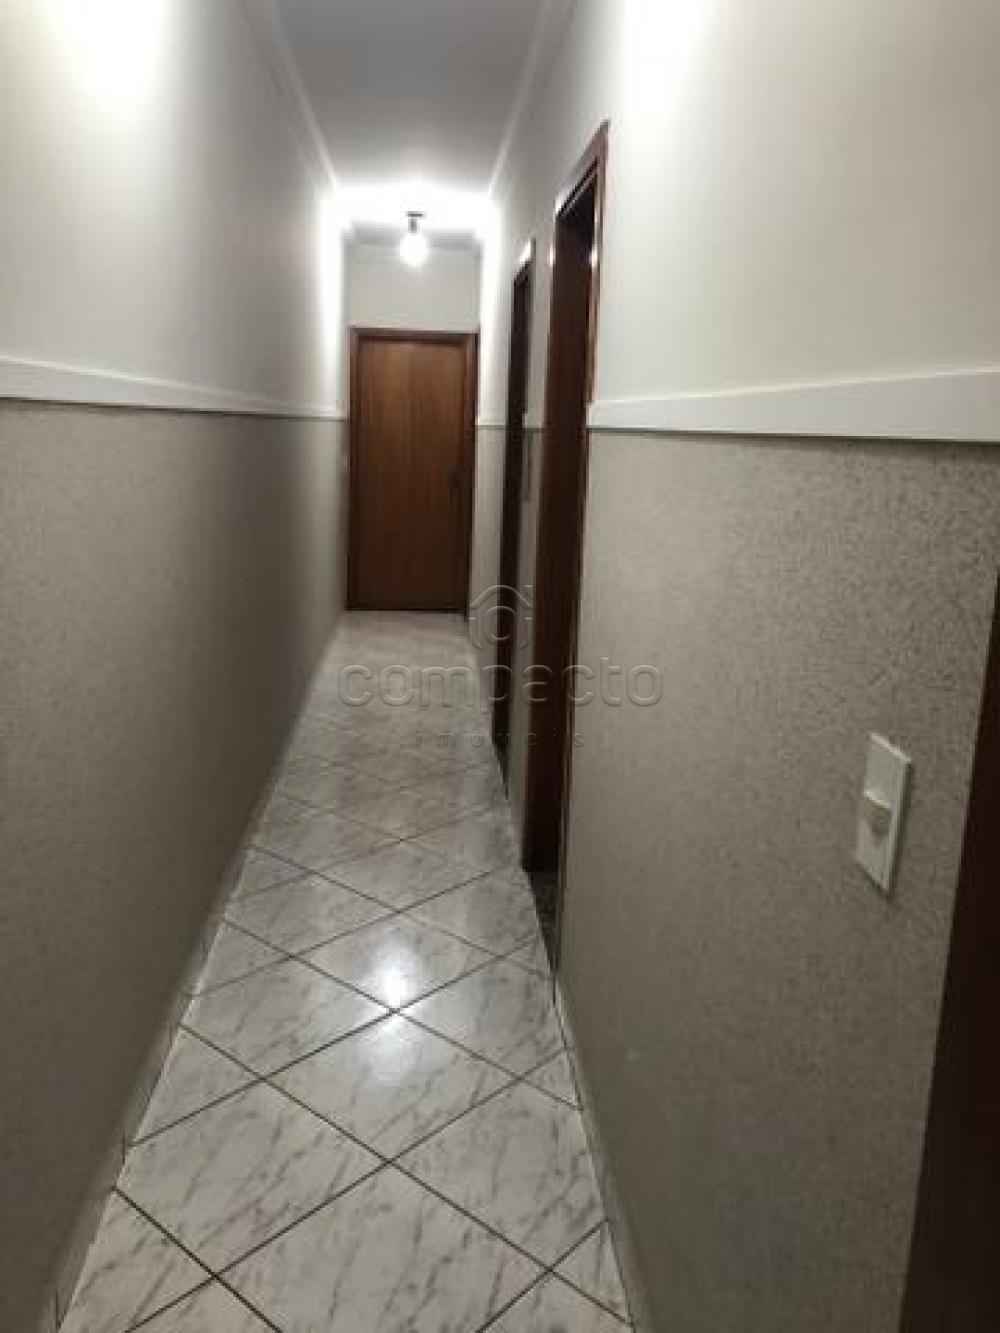 Comprar Casa / Padrão em Mirassol apenas R$ 275.000,00 - Foto 8